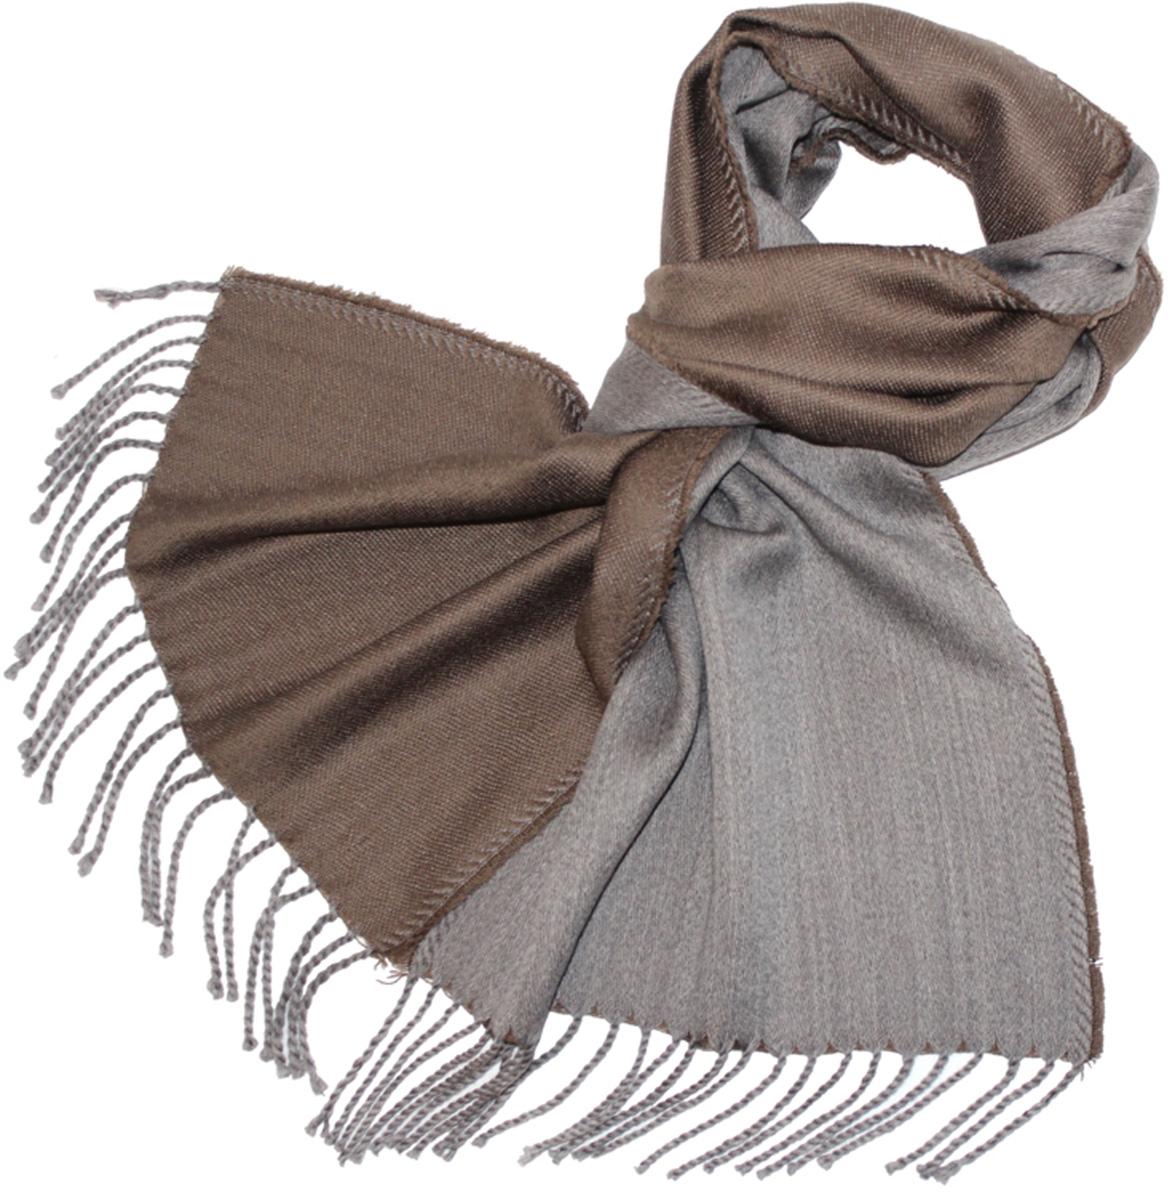 Шарф мужской Ethnica, цвет: коричневый, серый. 121480а. Размер 35 см х 180 см121480аМужской шарф Ethnica, изготовленный из 100% шерсти, подчеркнет вашу индивидуальность. Благодаря своему составу, он легкий, мягкий и приятный на ощупь. Изделие выполнено в лаконичном двухцветном дизайне и дополнено кисточками.Такой аксессуар станет стильным дополнением к вашему гардеробу.